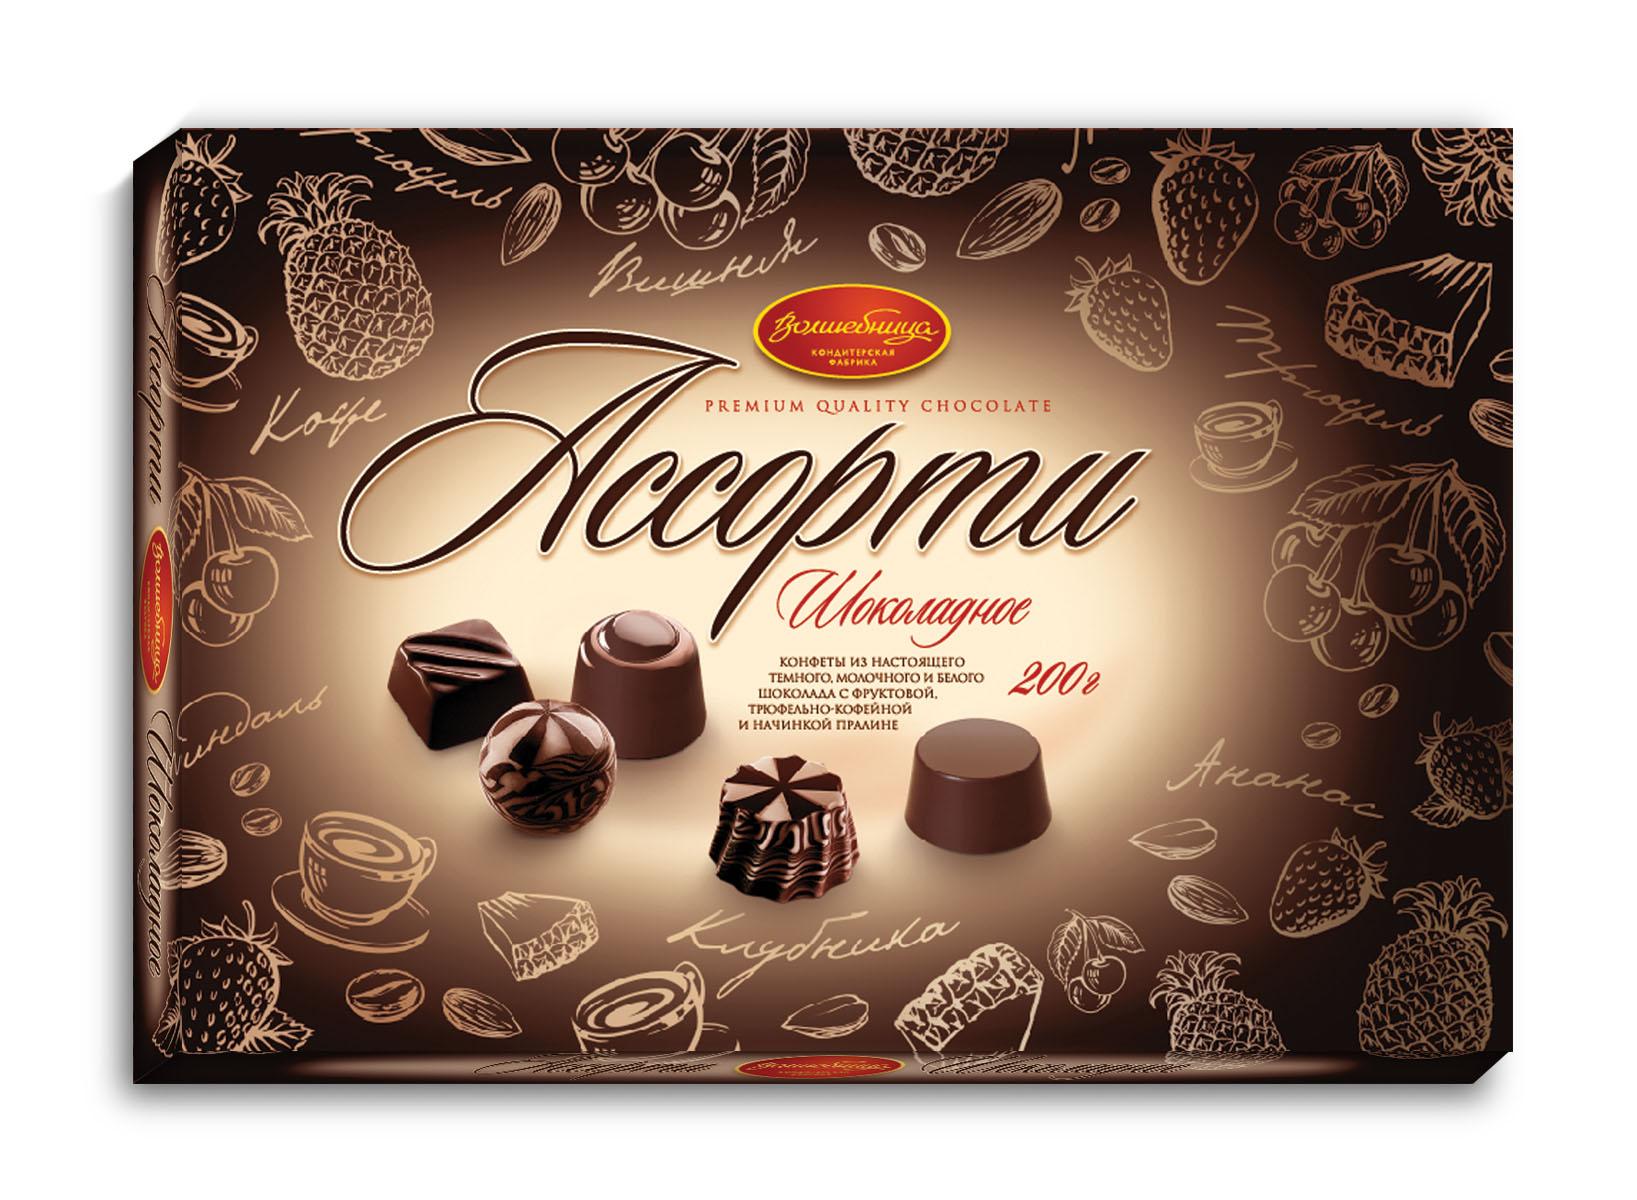 Волшебница конфеты шоколадное ассорти (коричневые), 200 г конфеты волшебница имбирь в шоколаде 120 г